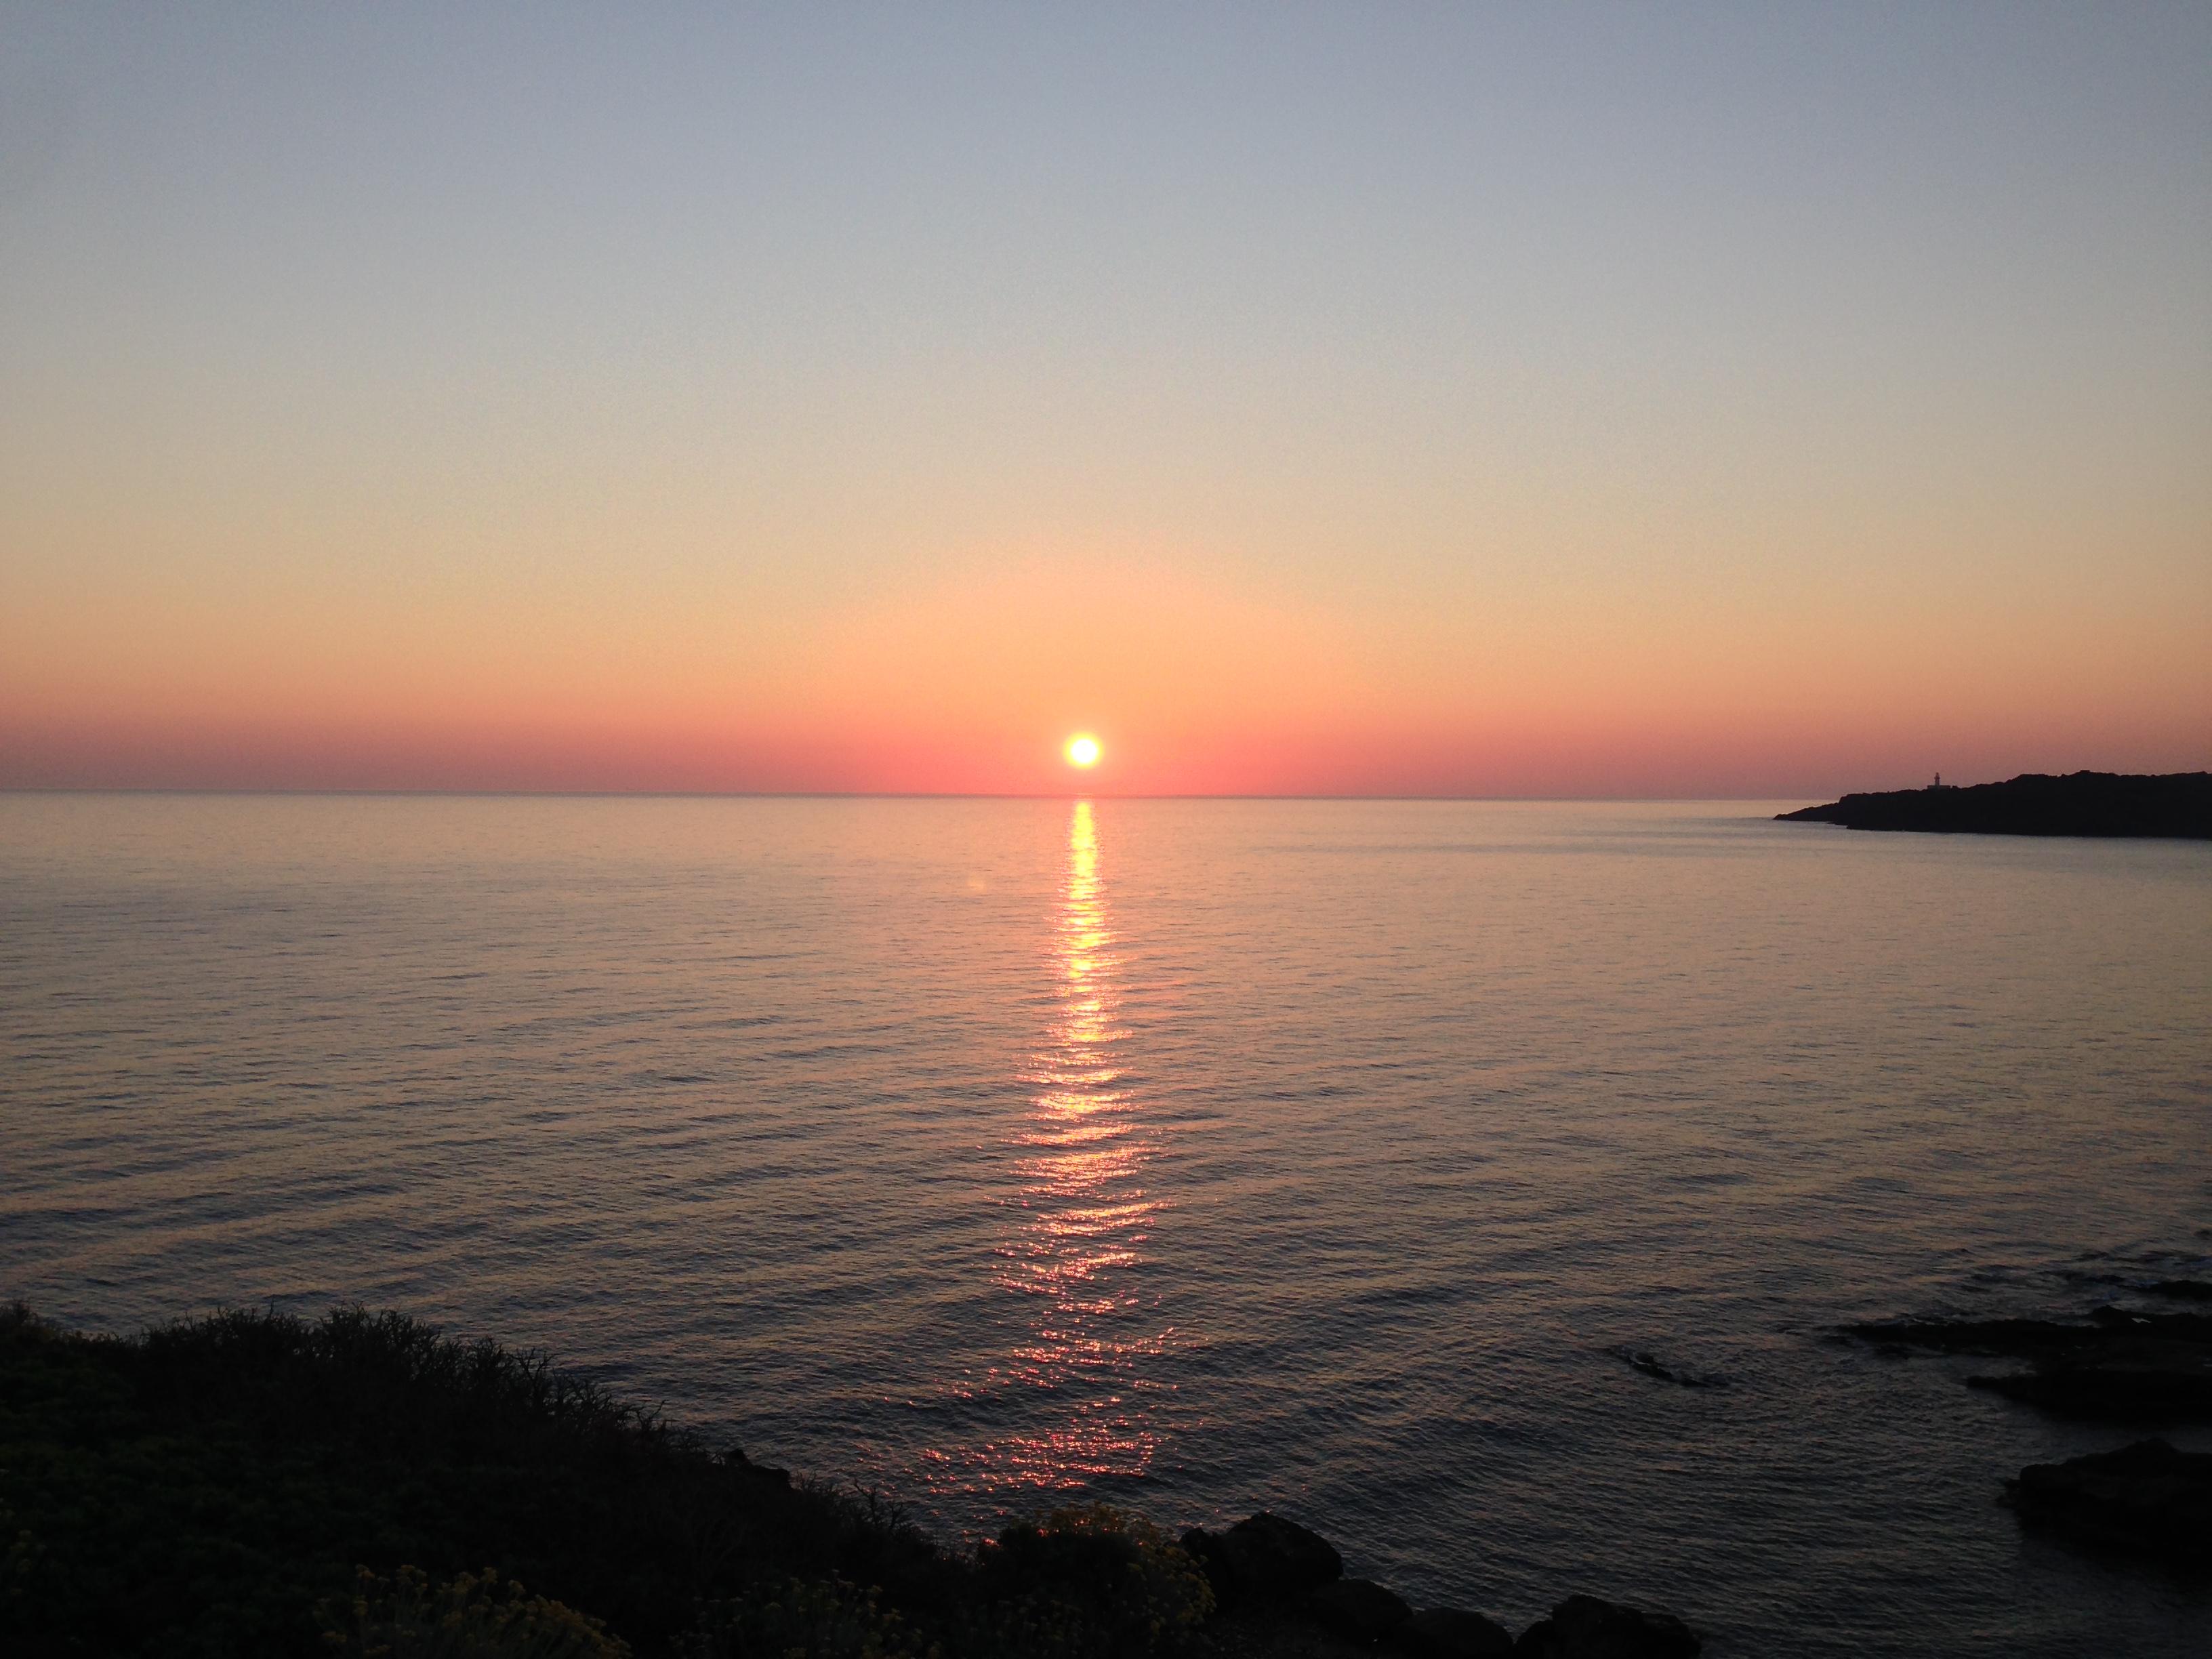 L'alba rossa sul mare a Pantelleria -Dammusi Le Case del Principe